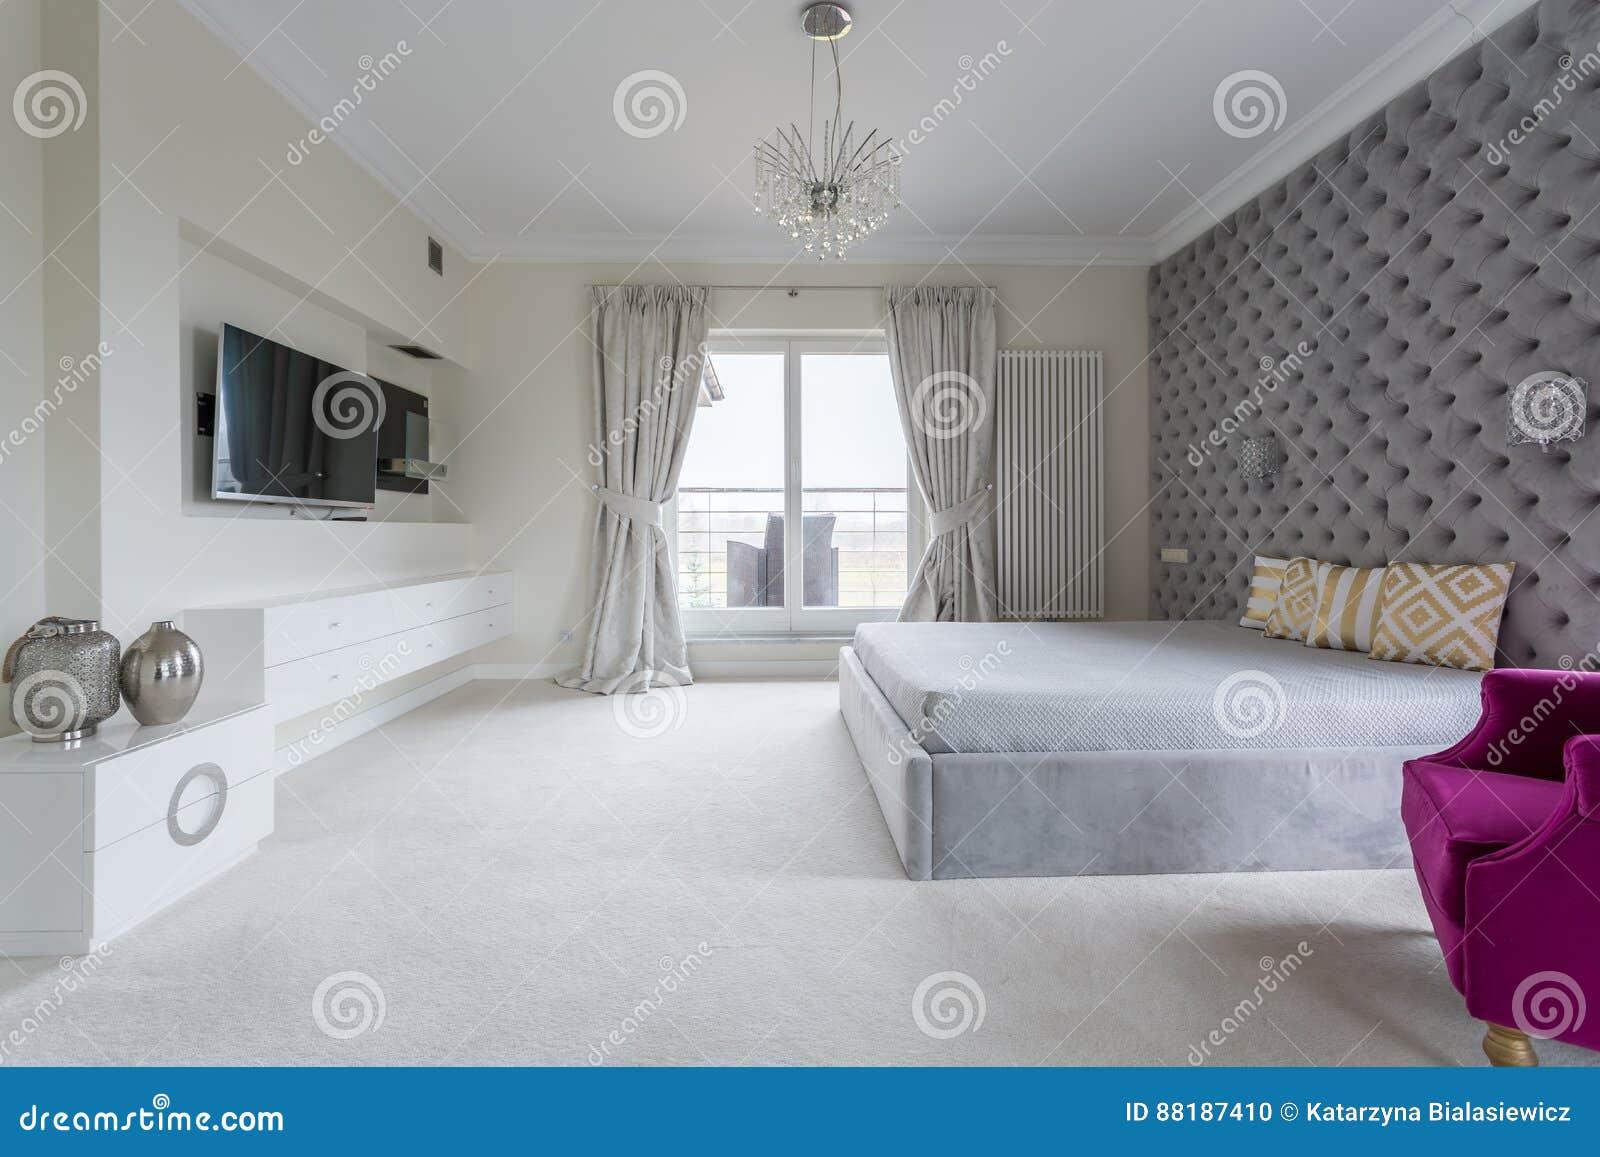 Agreable Chambre à Coucher Conçue Moderne Blanche Et Grise Avec La Grande Télévision  Sur Le Mur